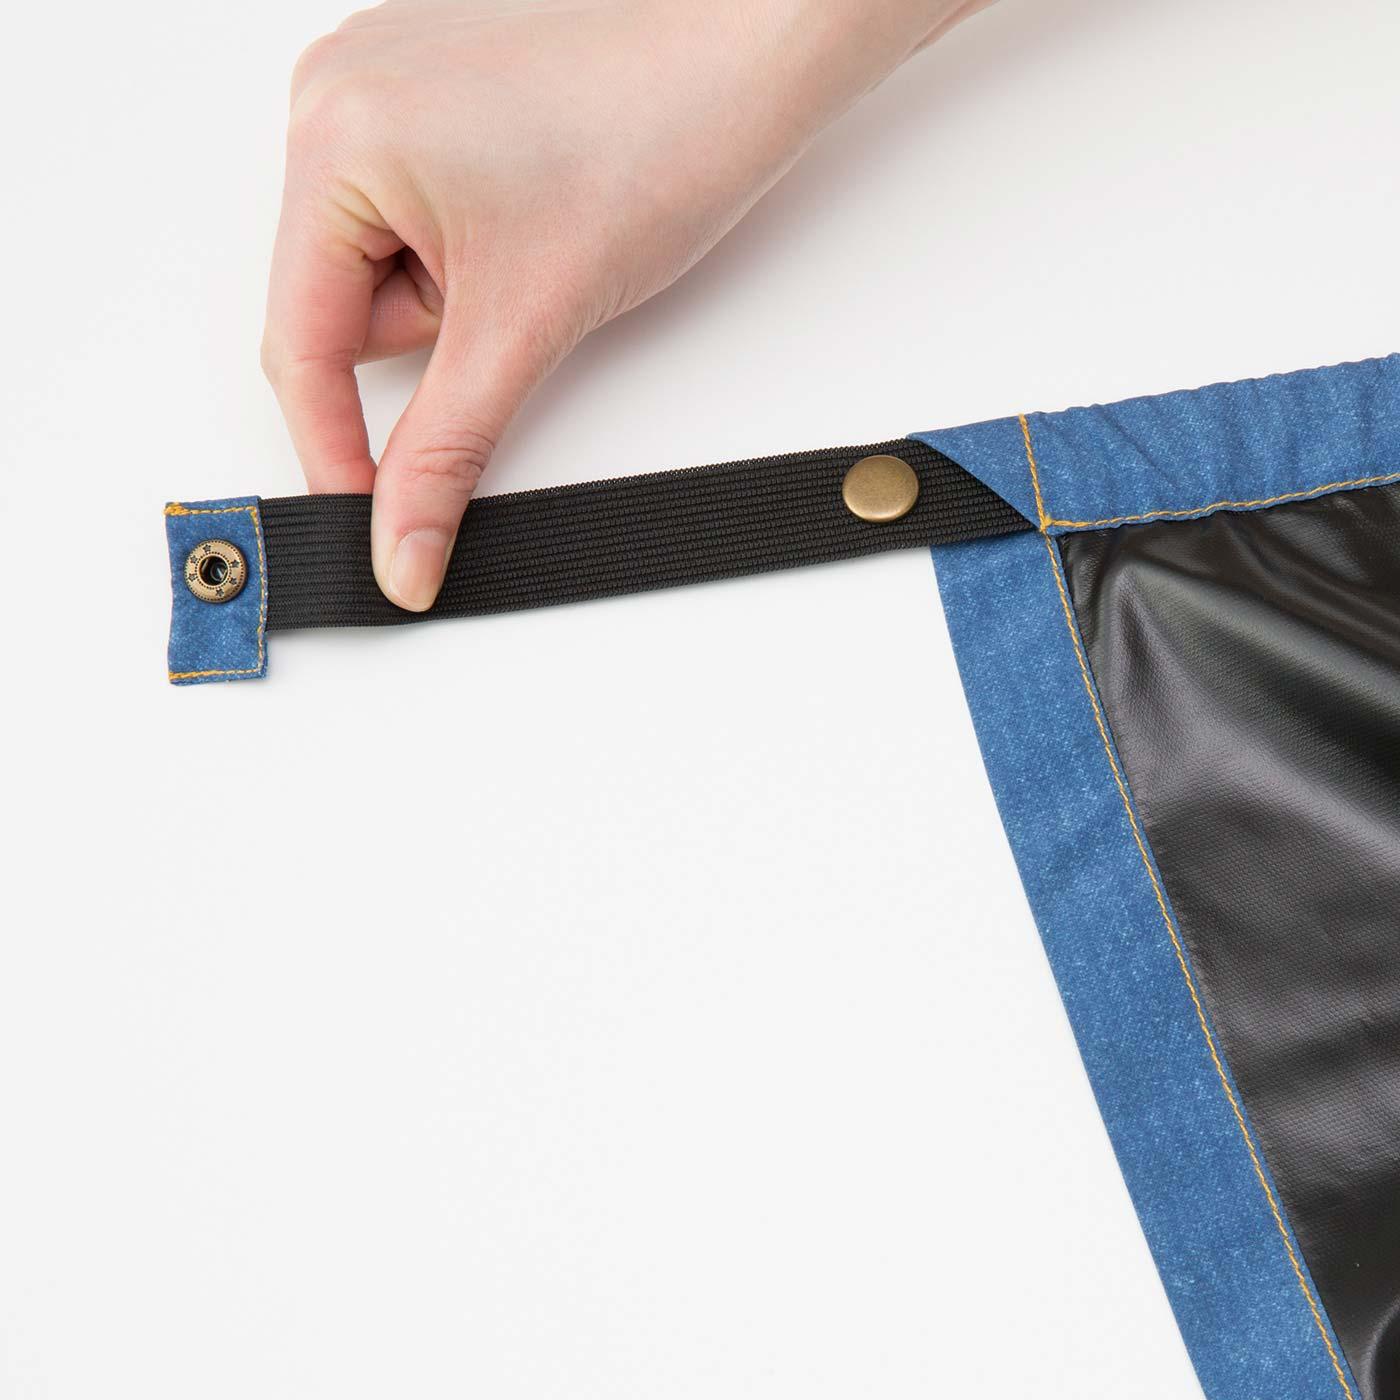 上辺には隠し平ゴム+スナップボタン。ギュッとしぼって留められるからウエストにもフィット。